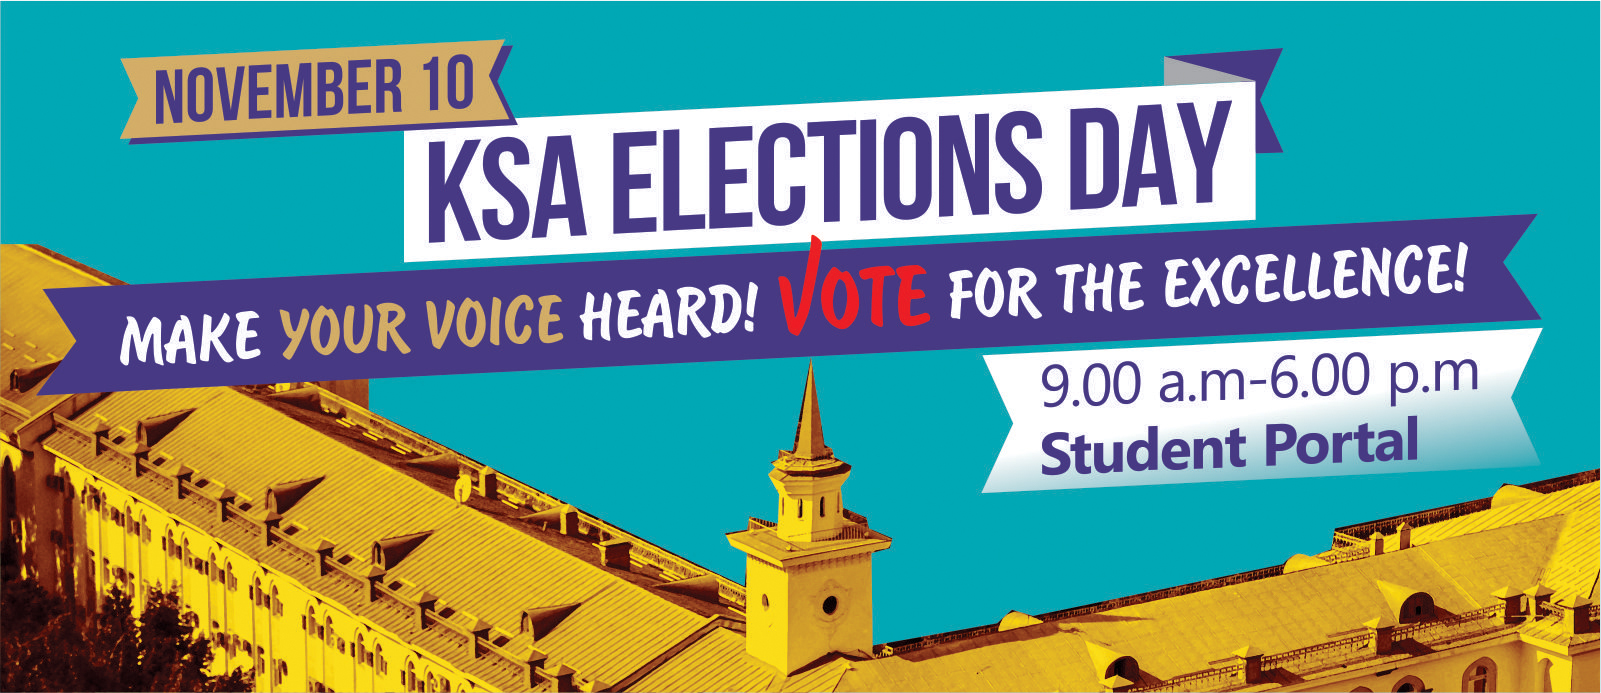 KSA Election Day Slider Final (1)